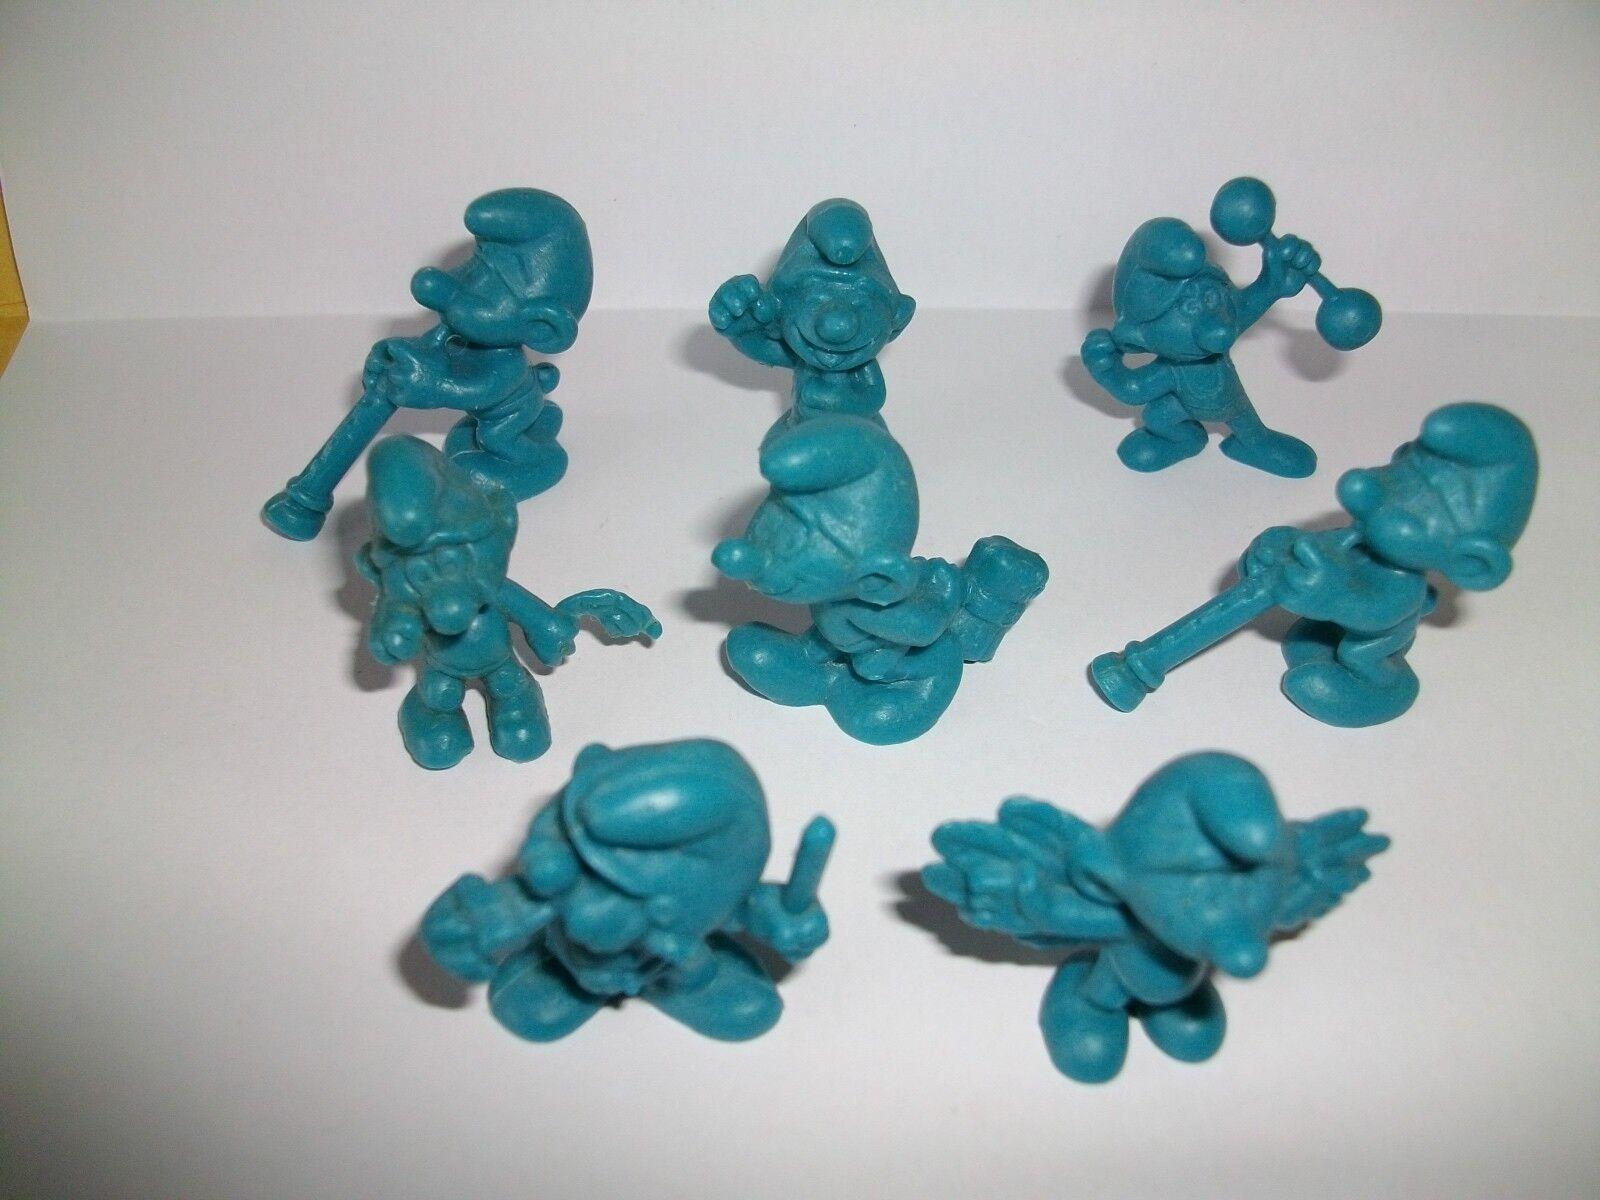 SMURF SCHLUMPF SCHTROUMPF LOT DE 8 MINI SCHTROUMPFS blueS PAS OMO